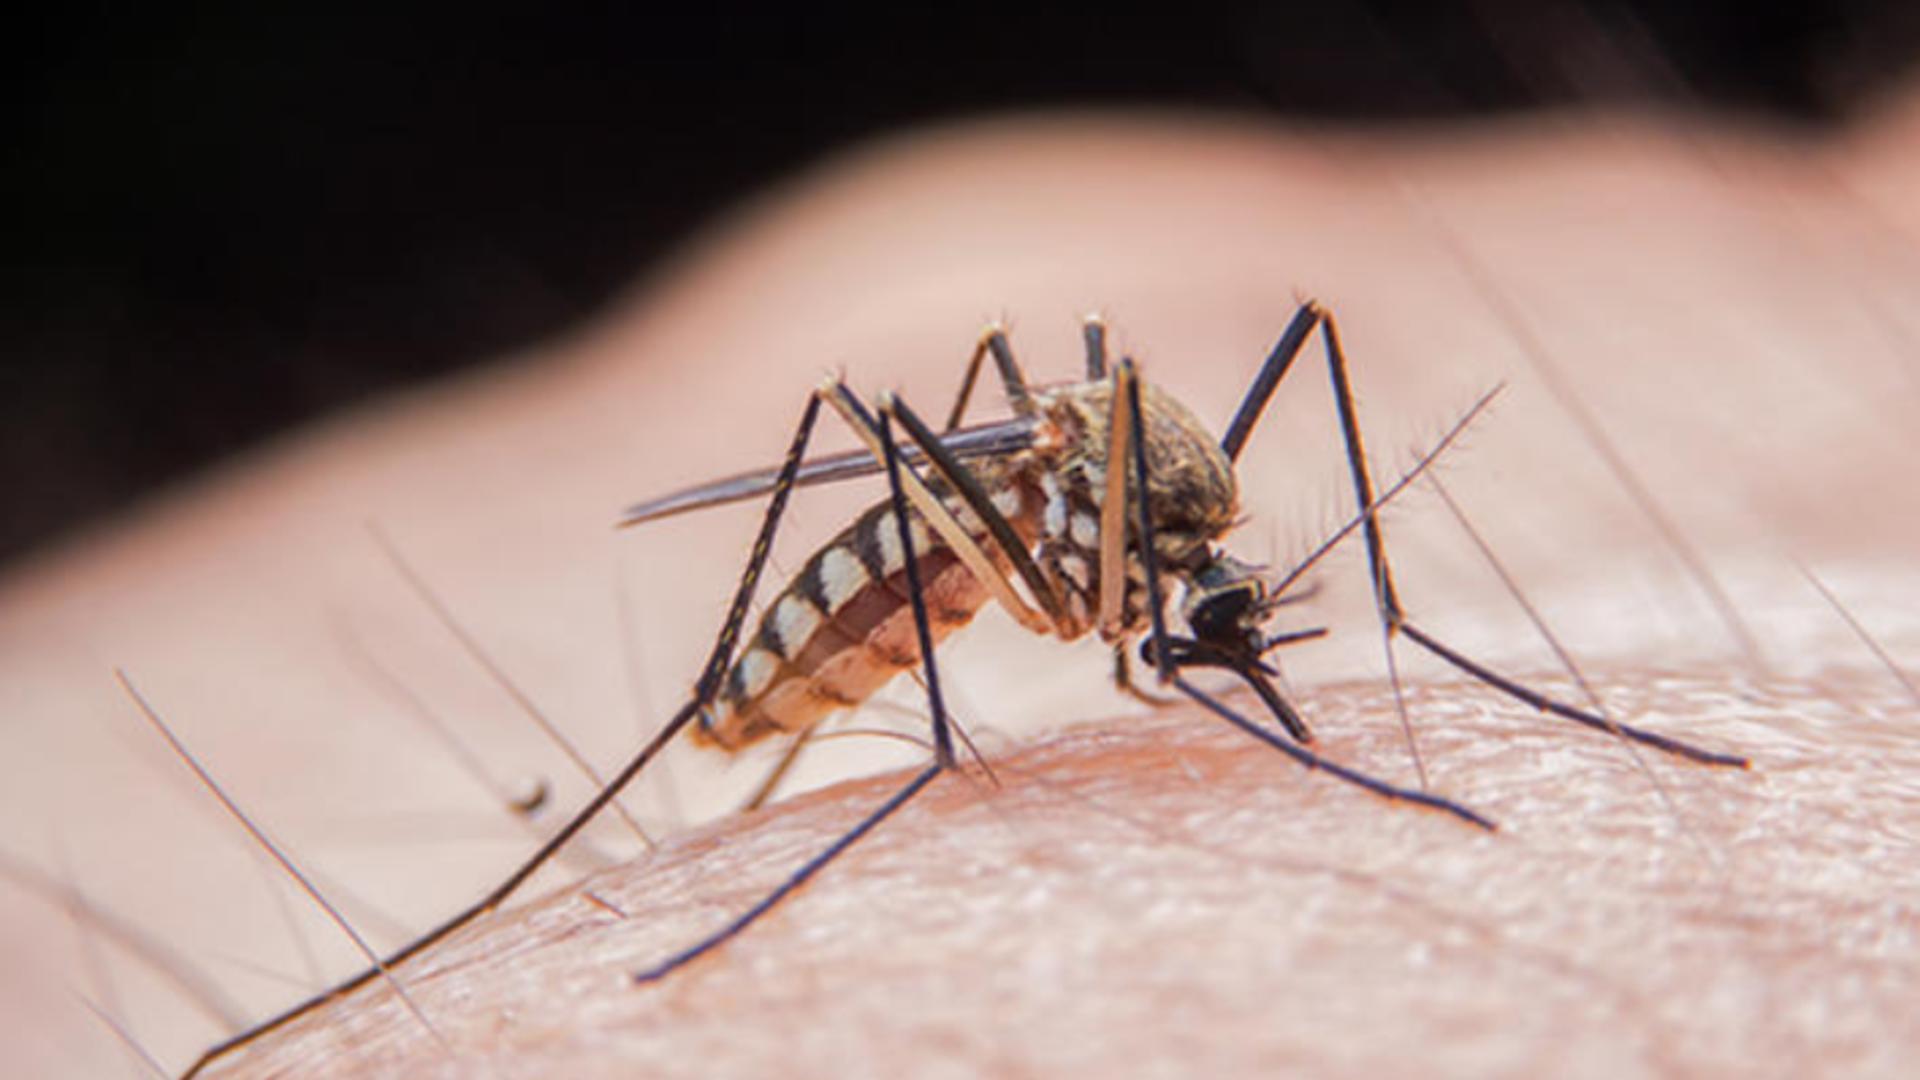 Înțepătură țânțar